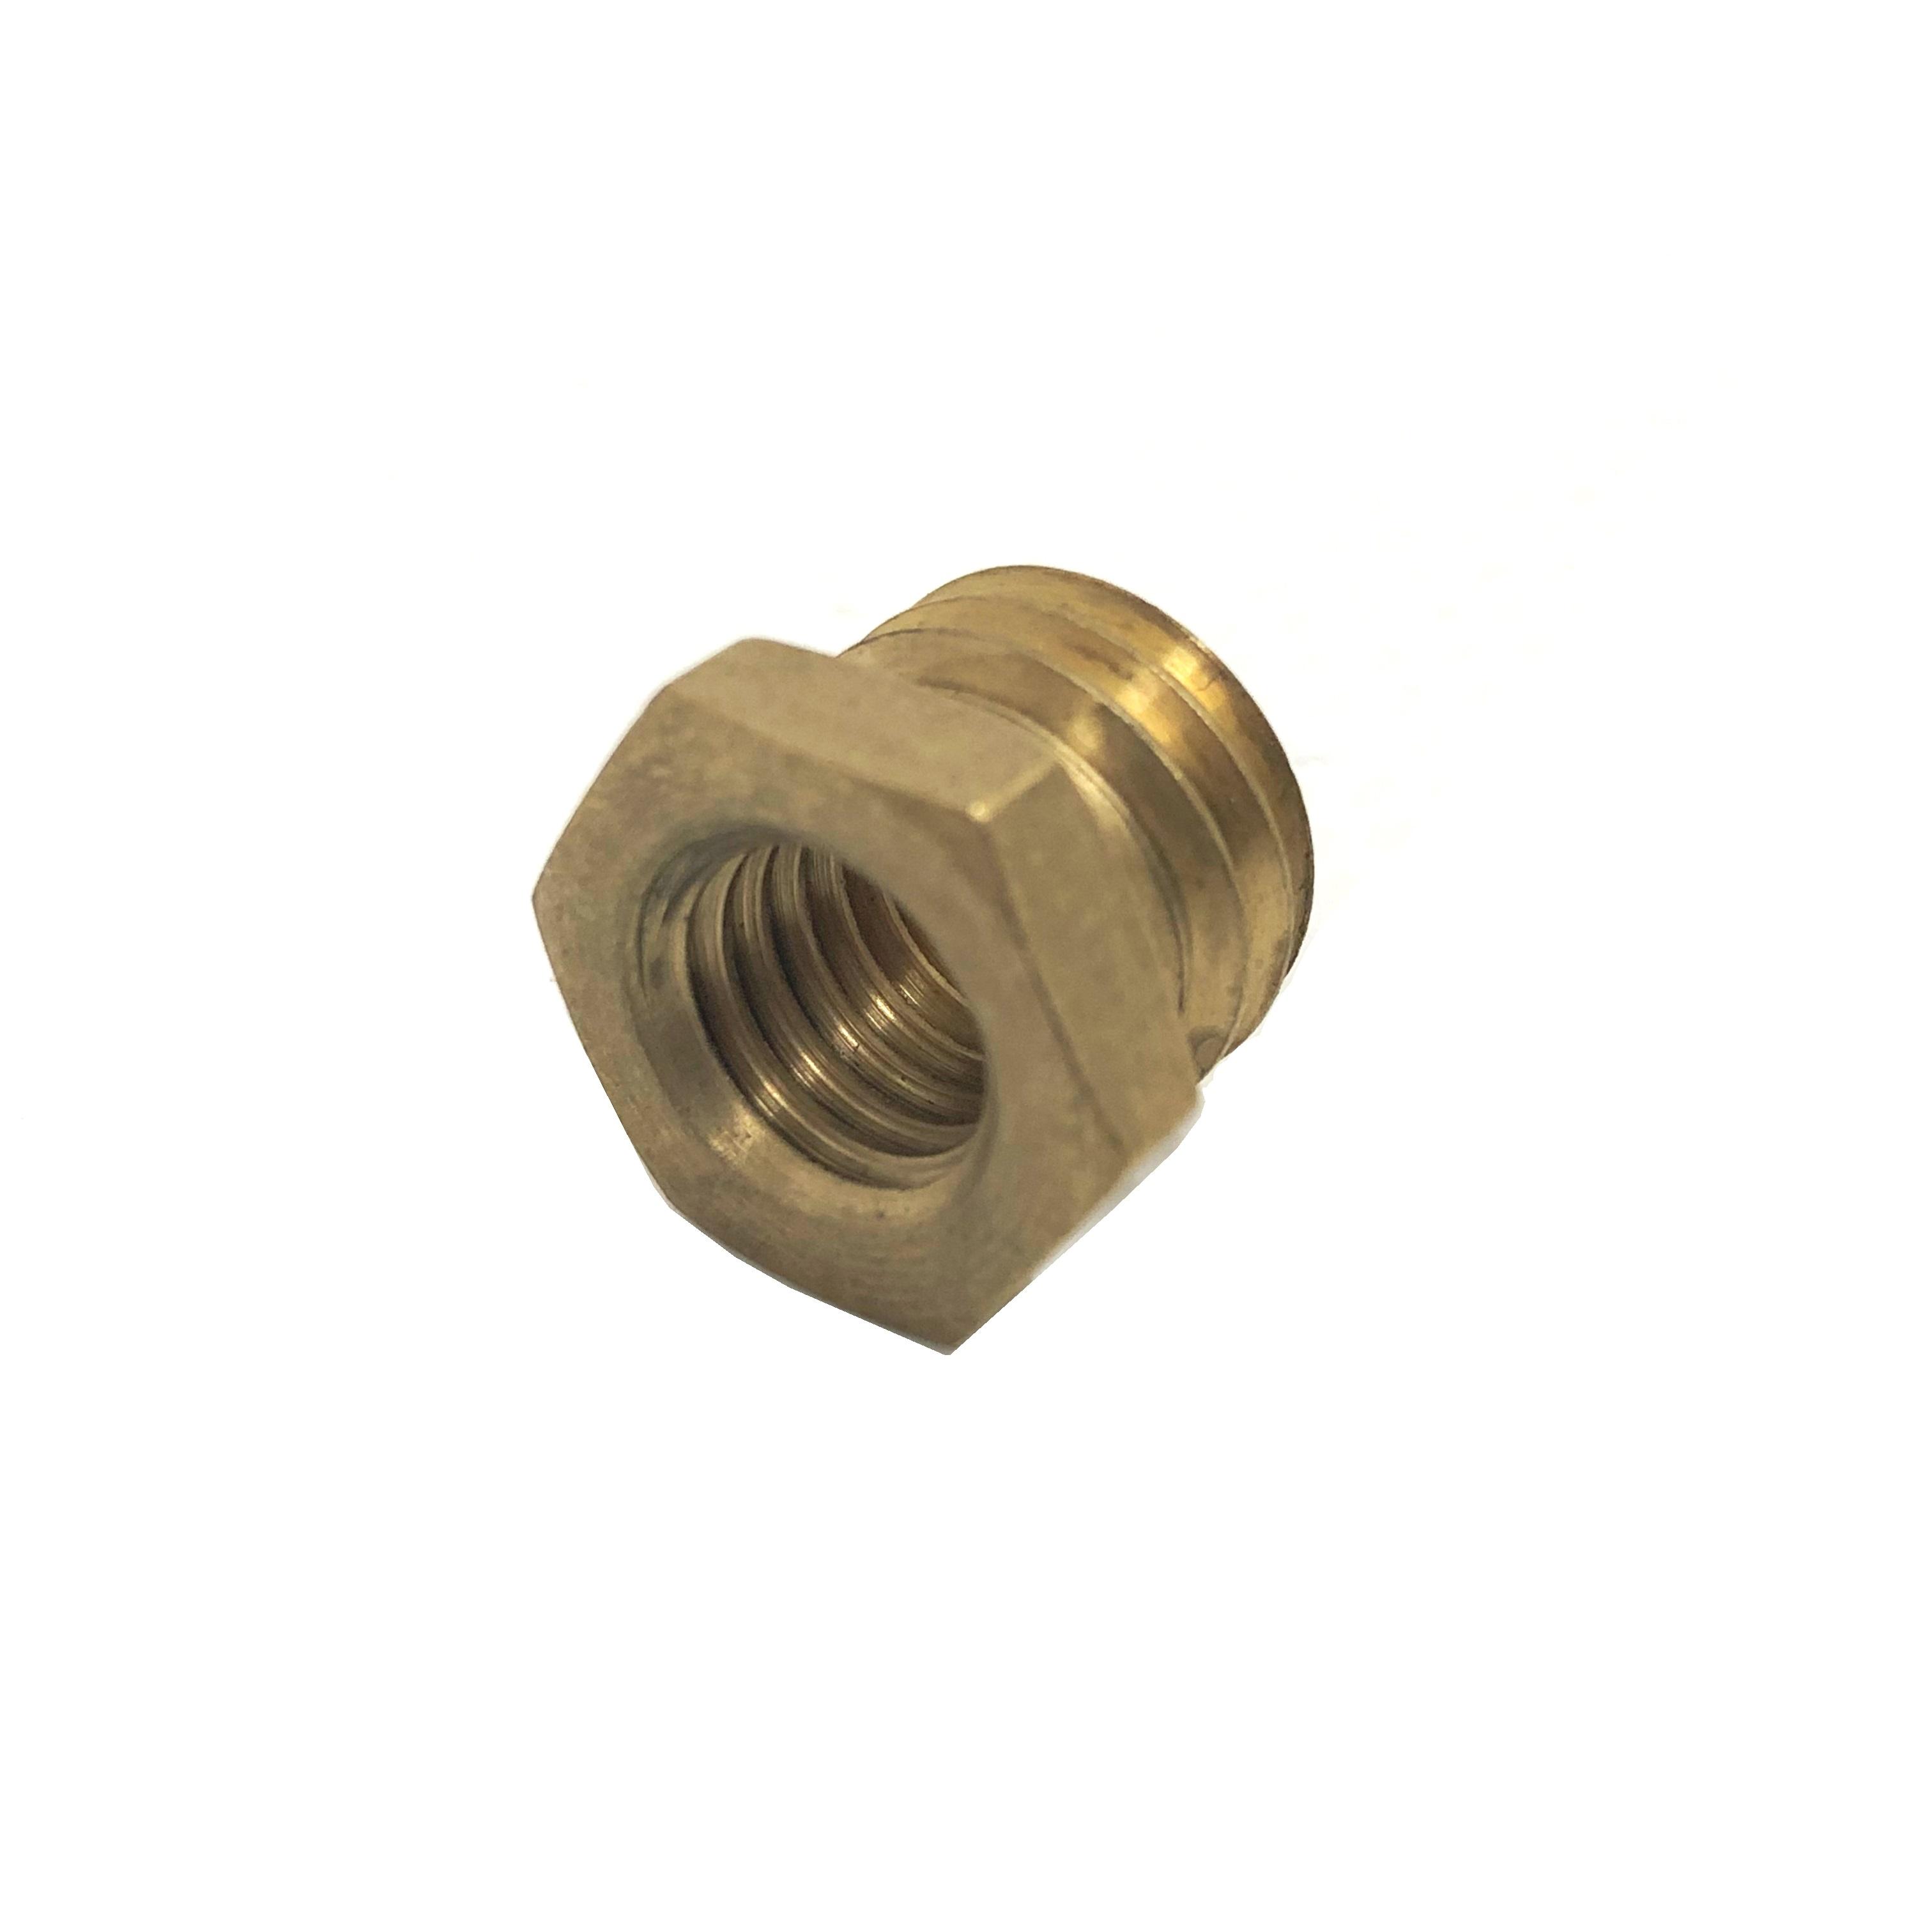 M14 x M10 Threaded Adaptor Nozzle - Hot Air